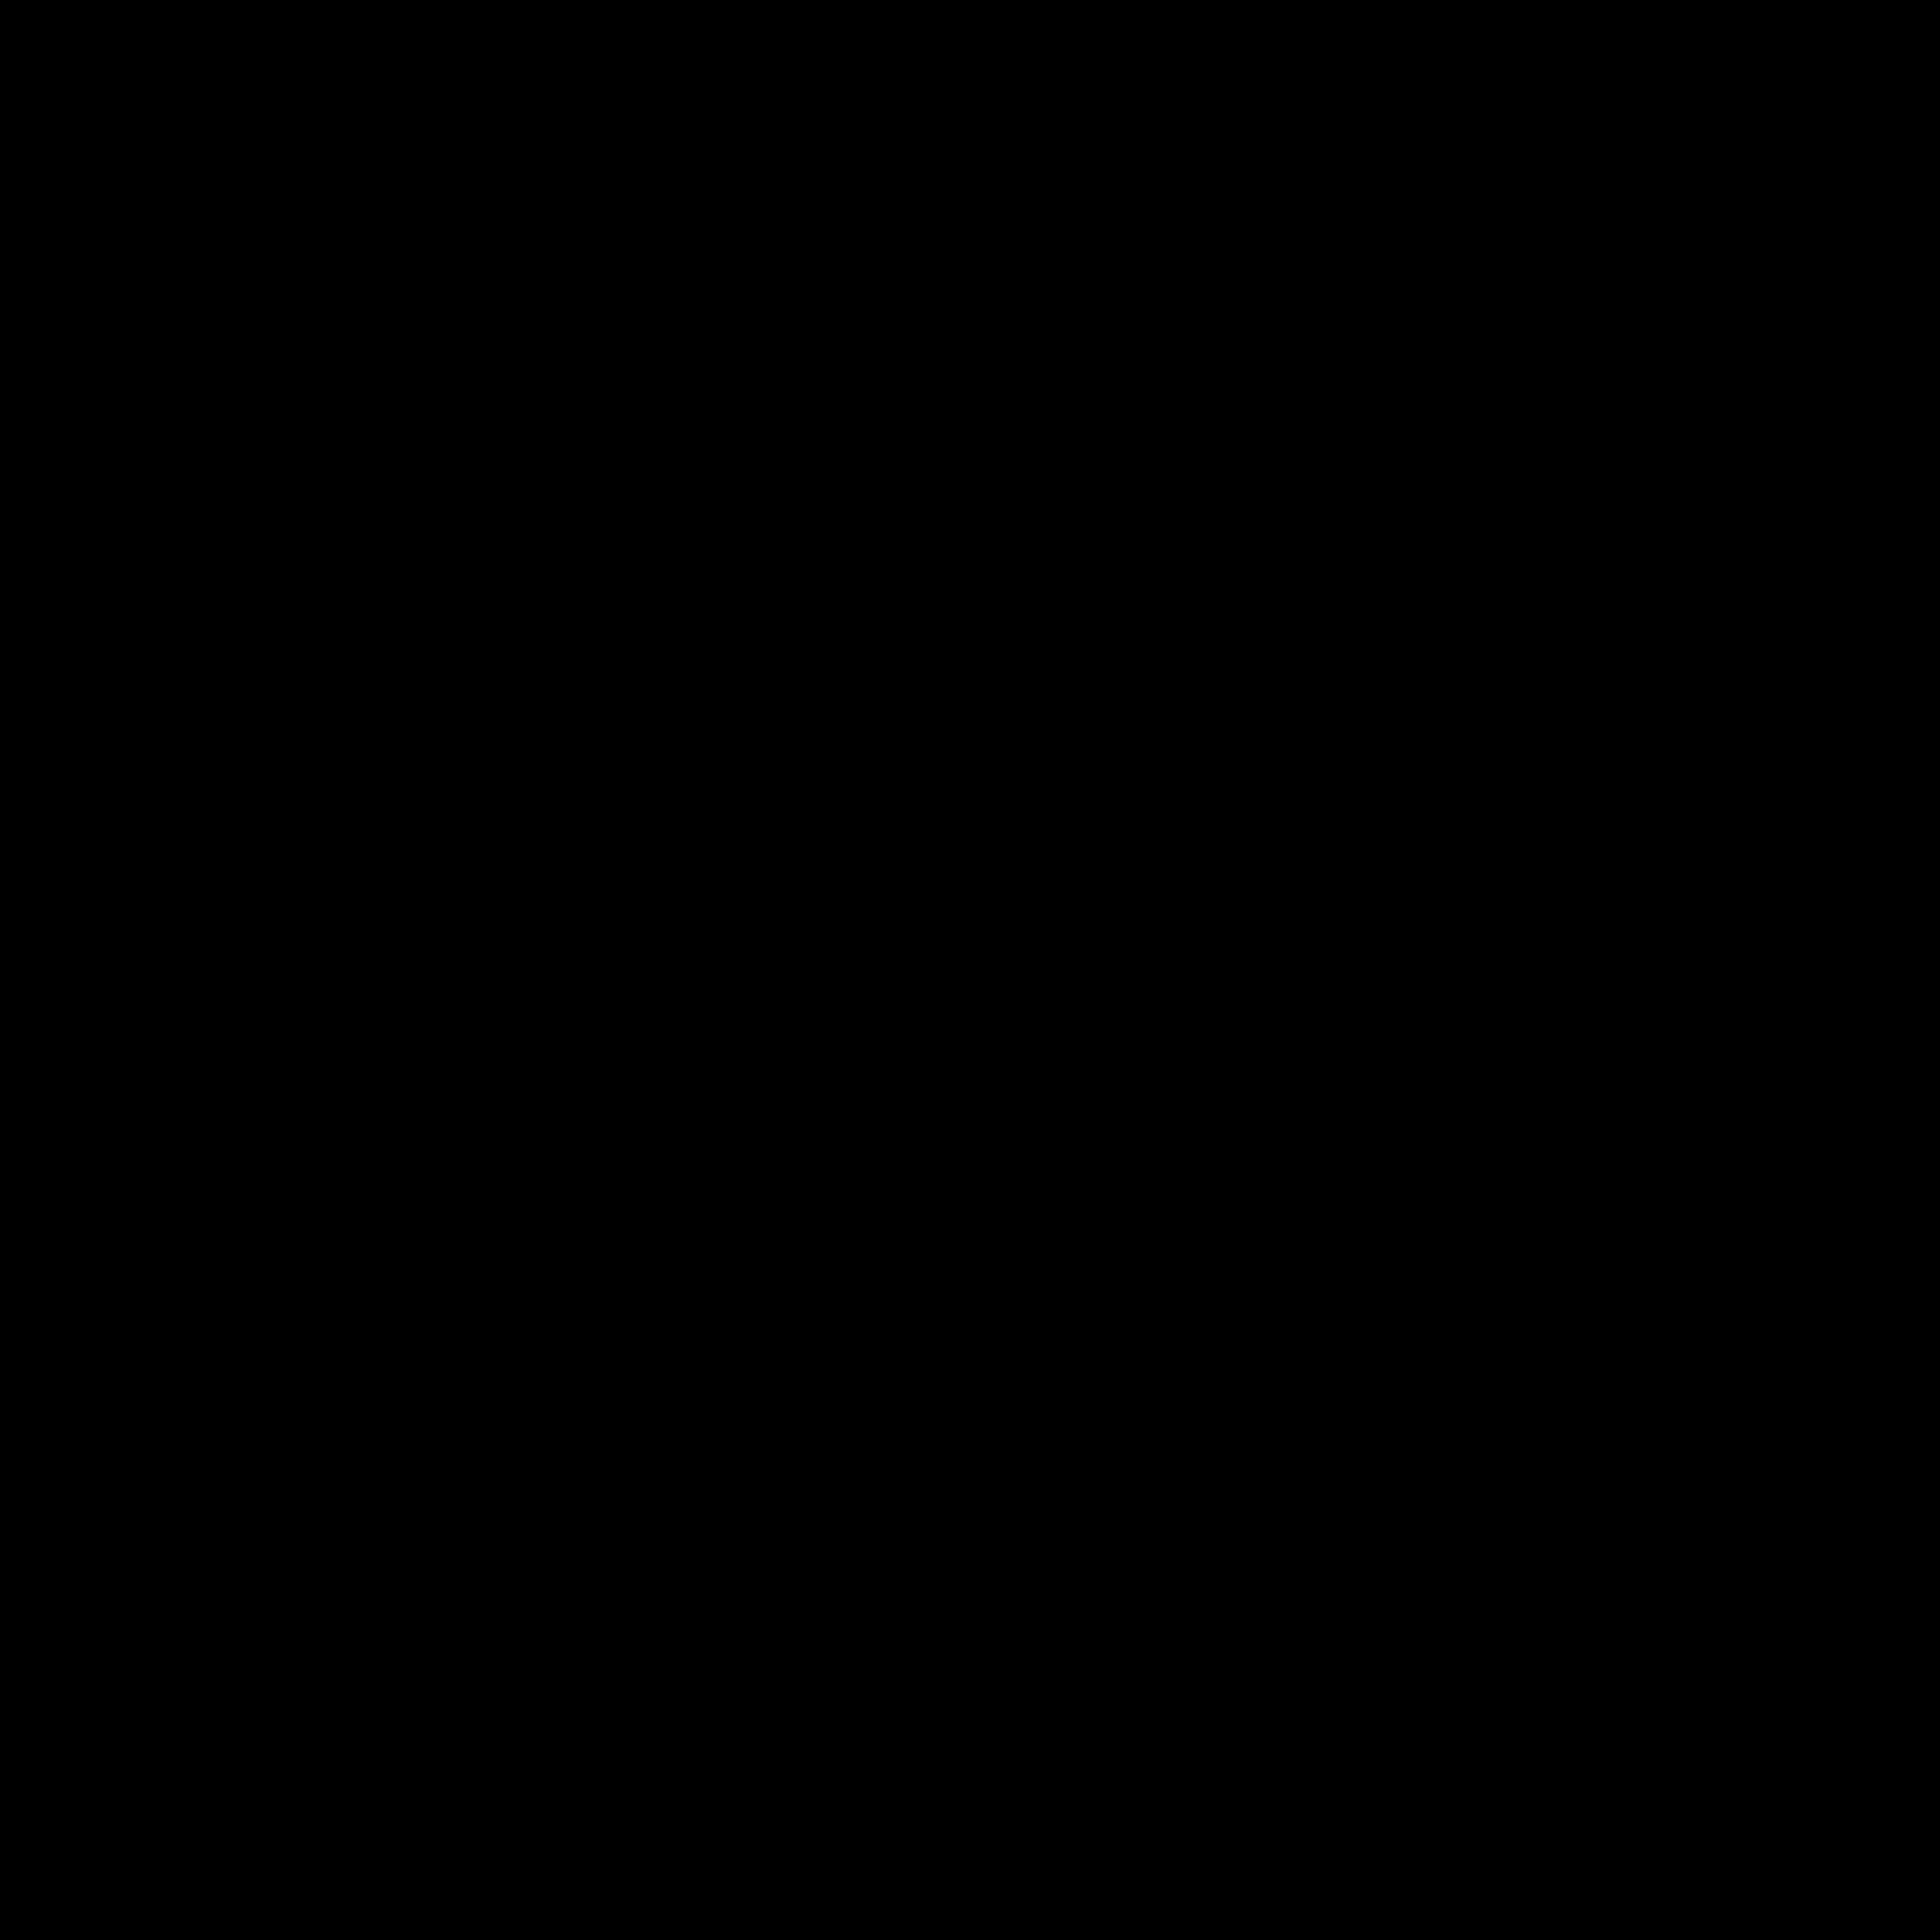 Ikon för rensa filter